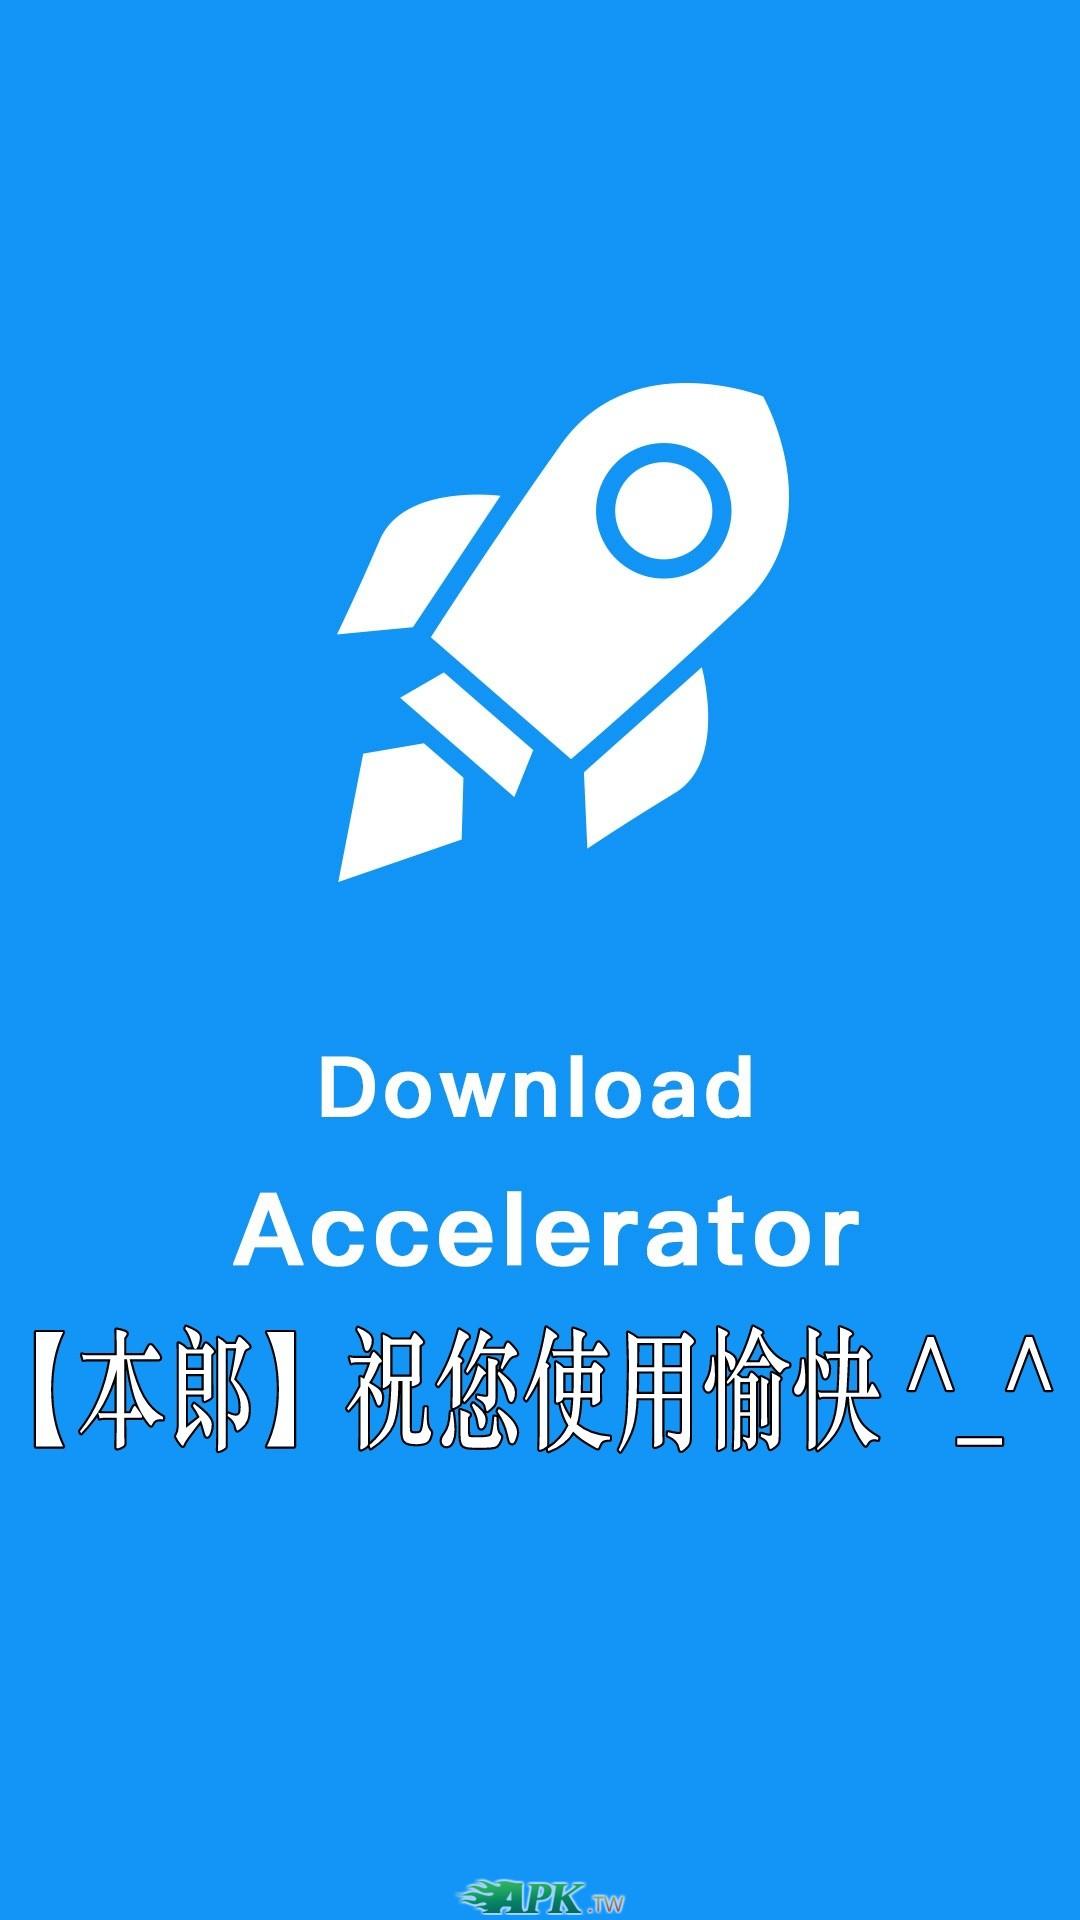 launch_img.jpg